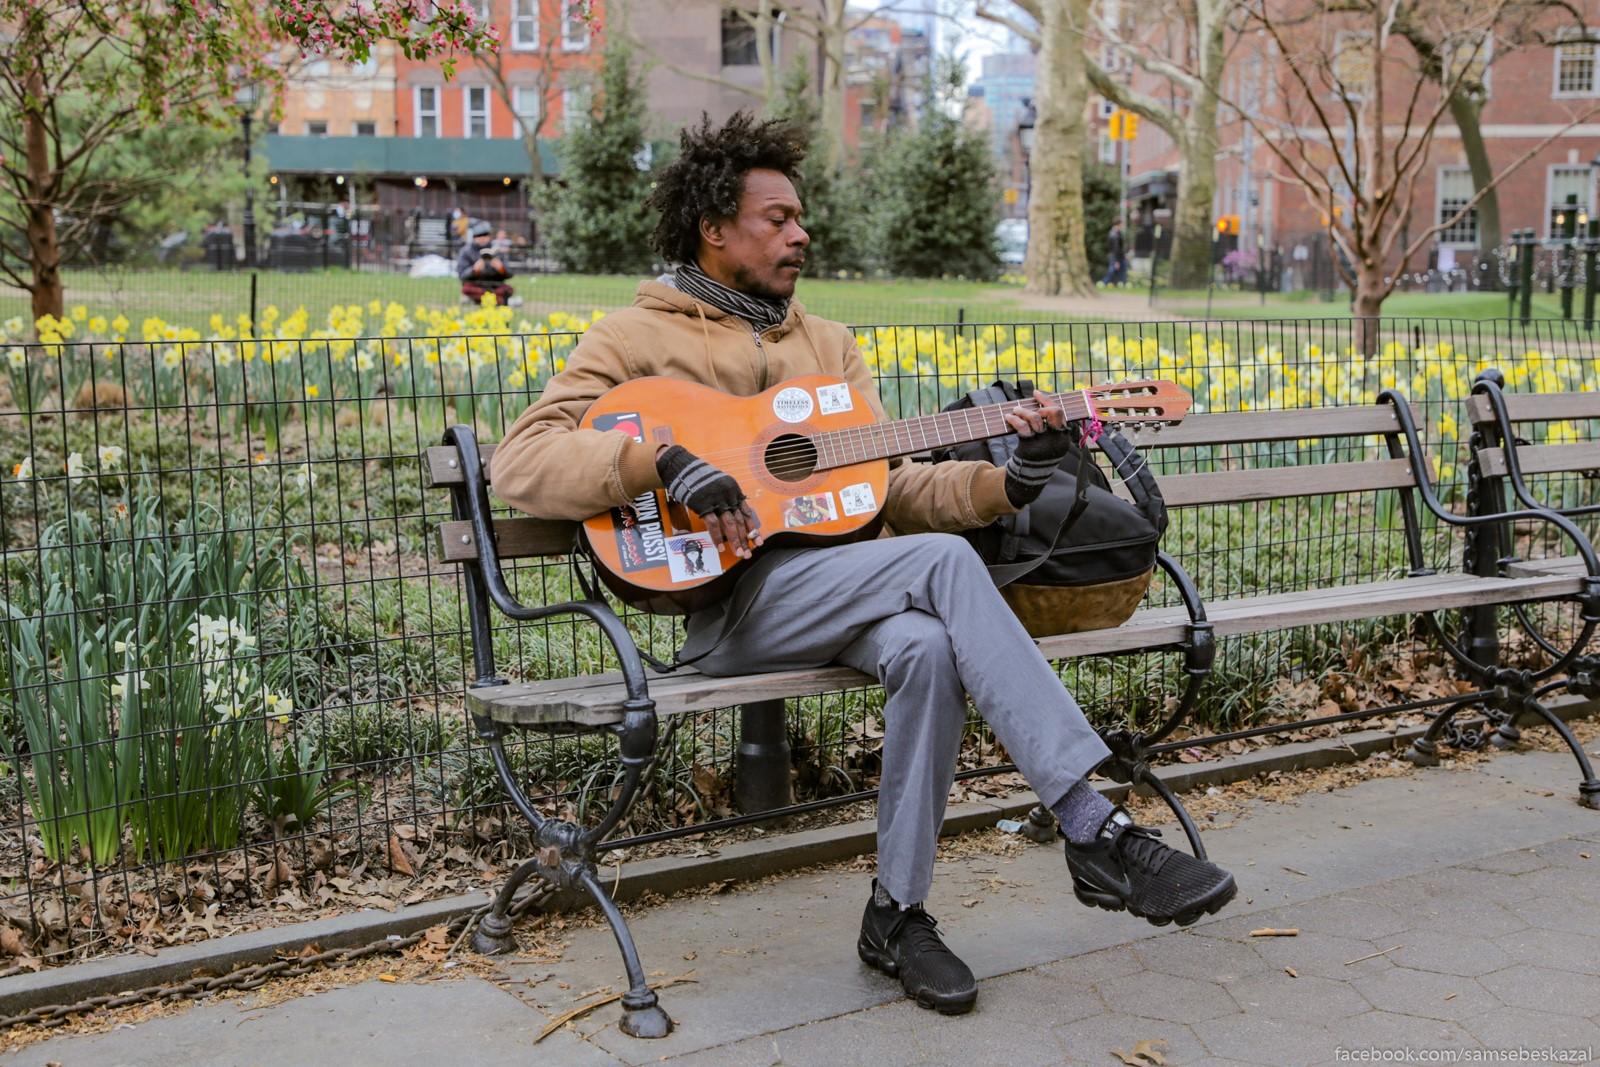 Muzykant v parke. Ne iz teh,...